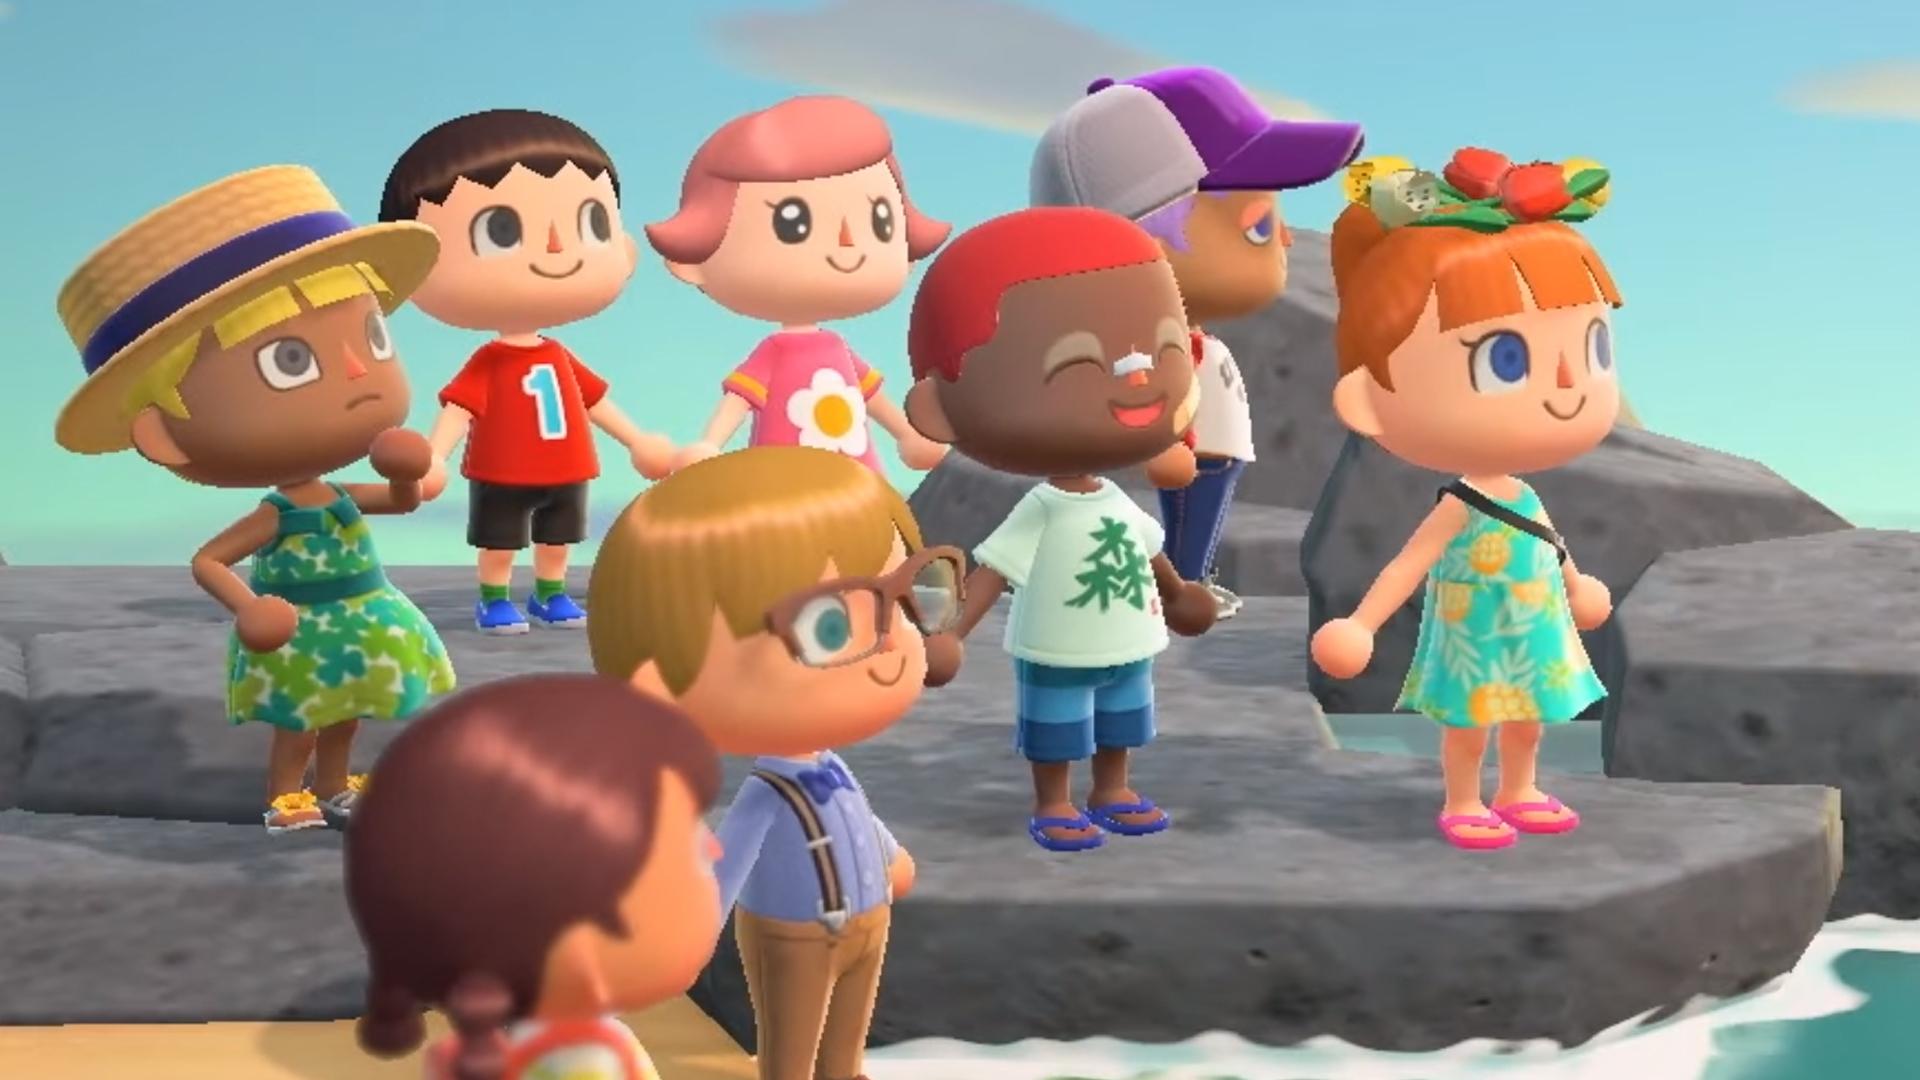 [Switch] Animal Crossing: New Horizons não terá suporte ao Cloud Save devido a preocupações com fraudes